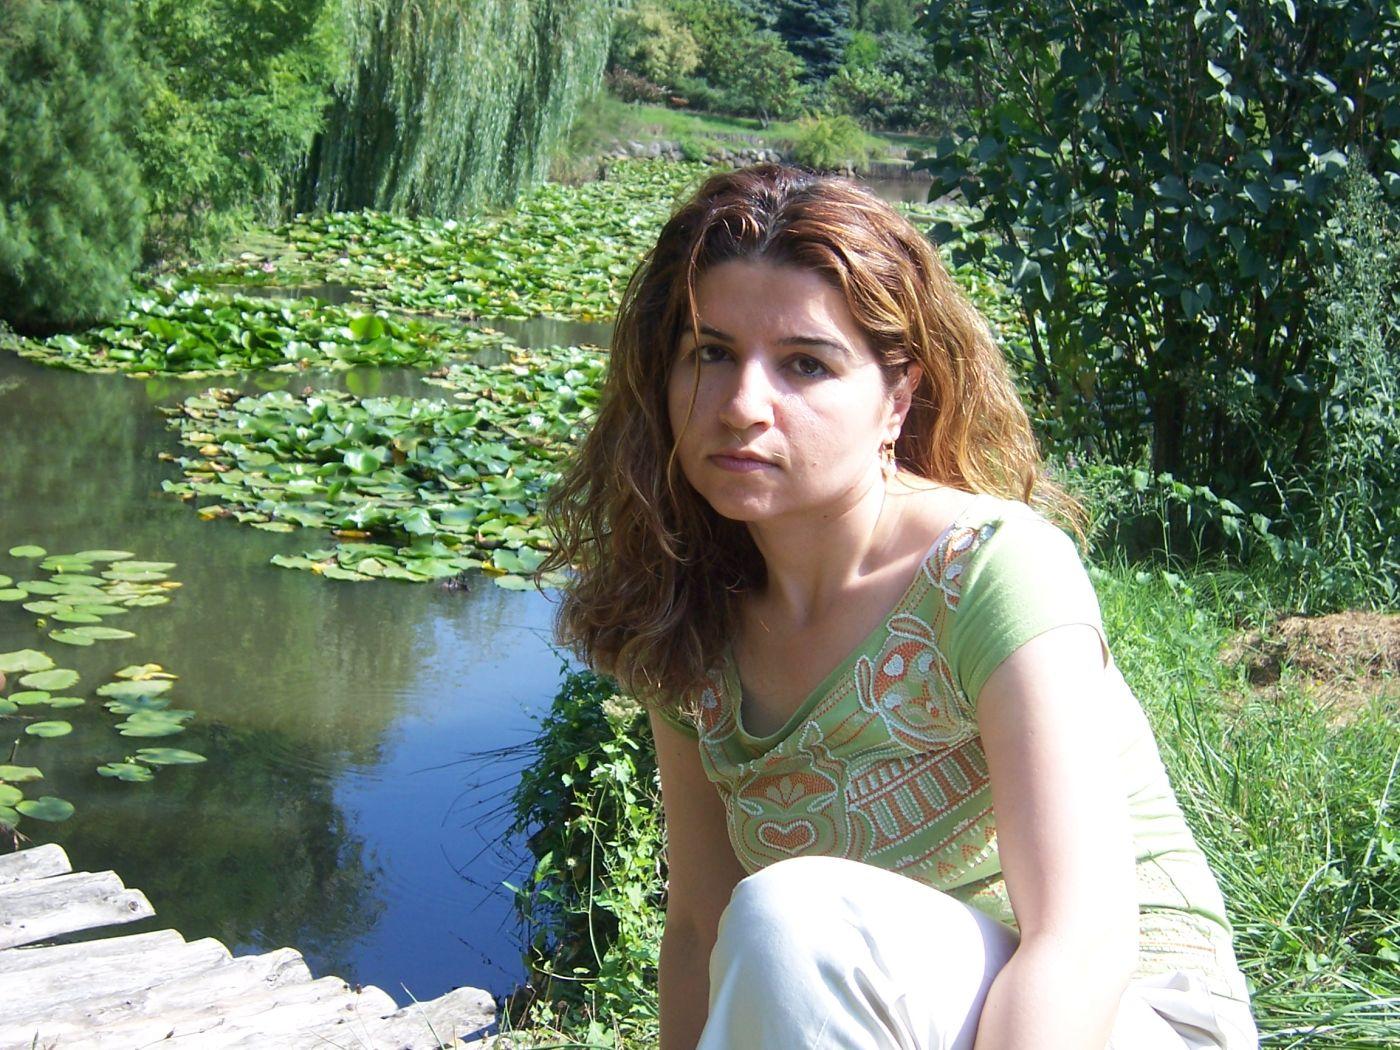 Ataturk_Arboretum_Mamy_Me_Menice-015